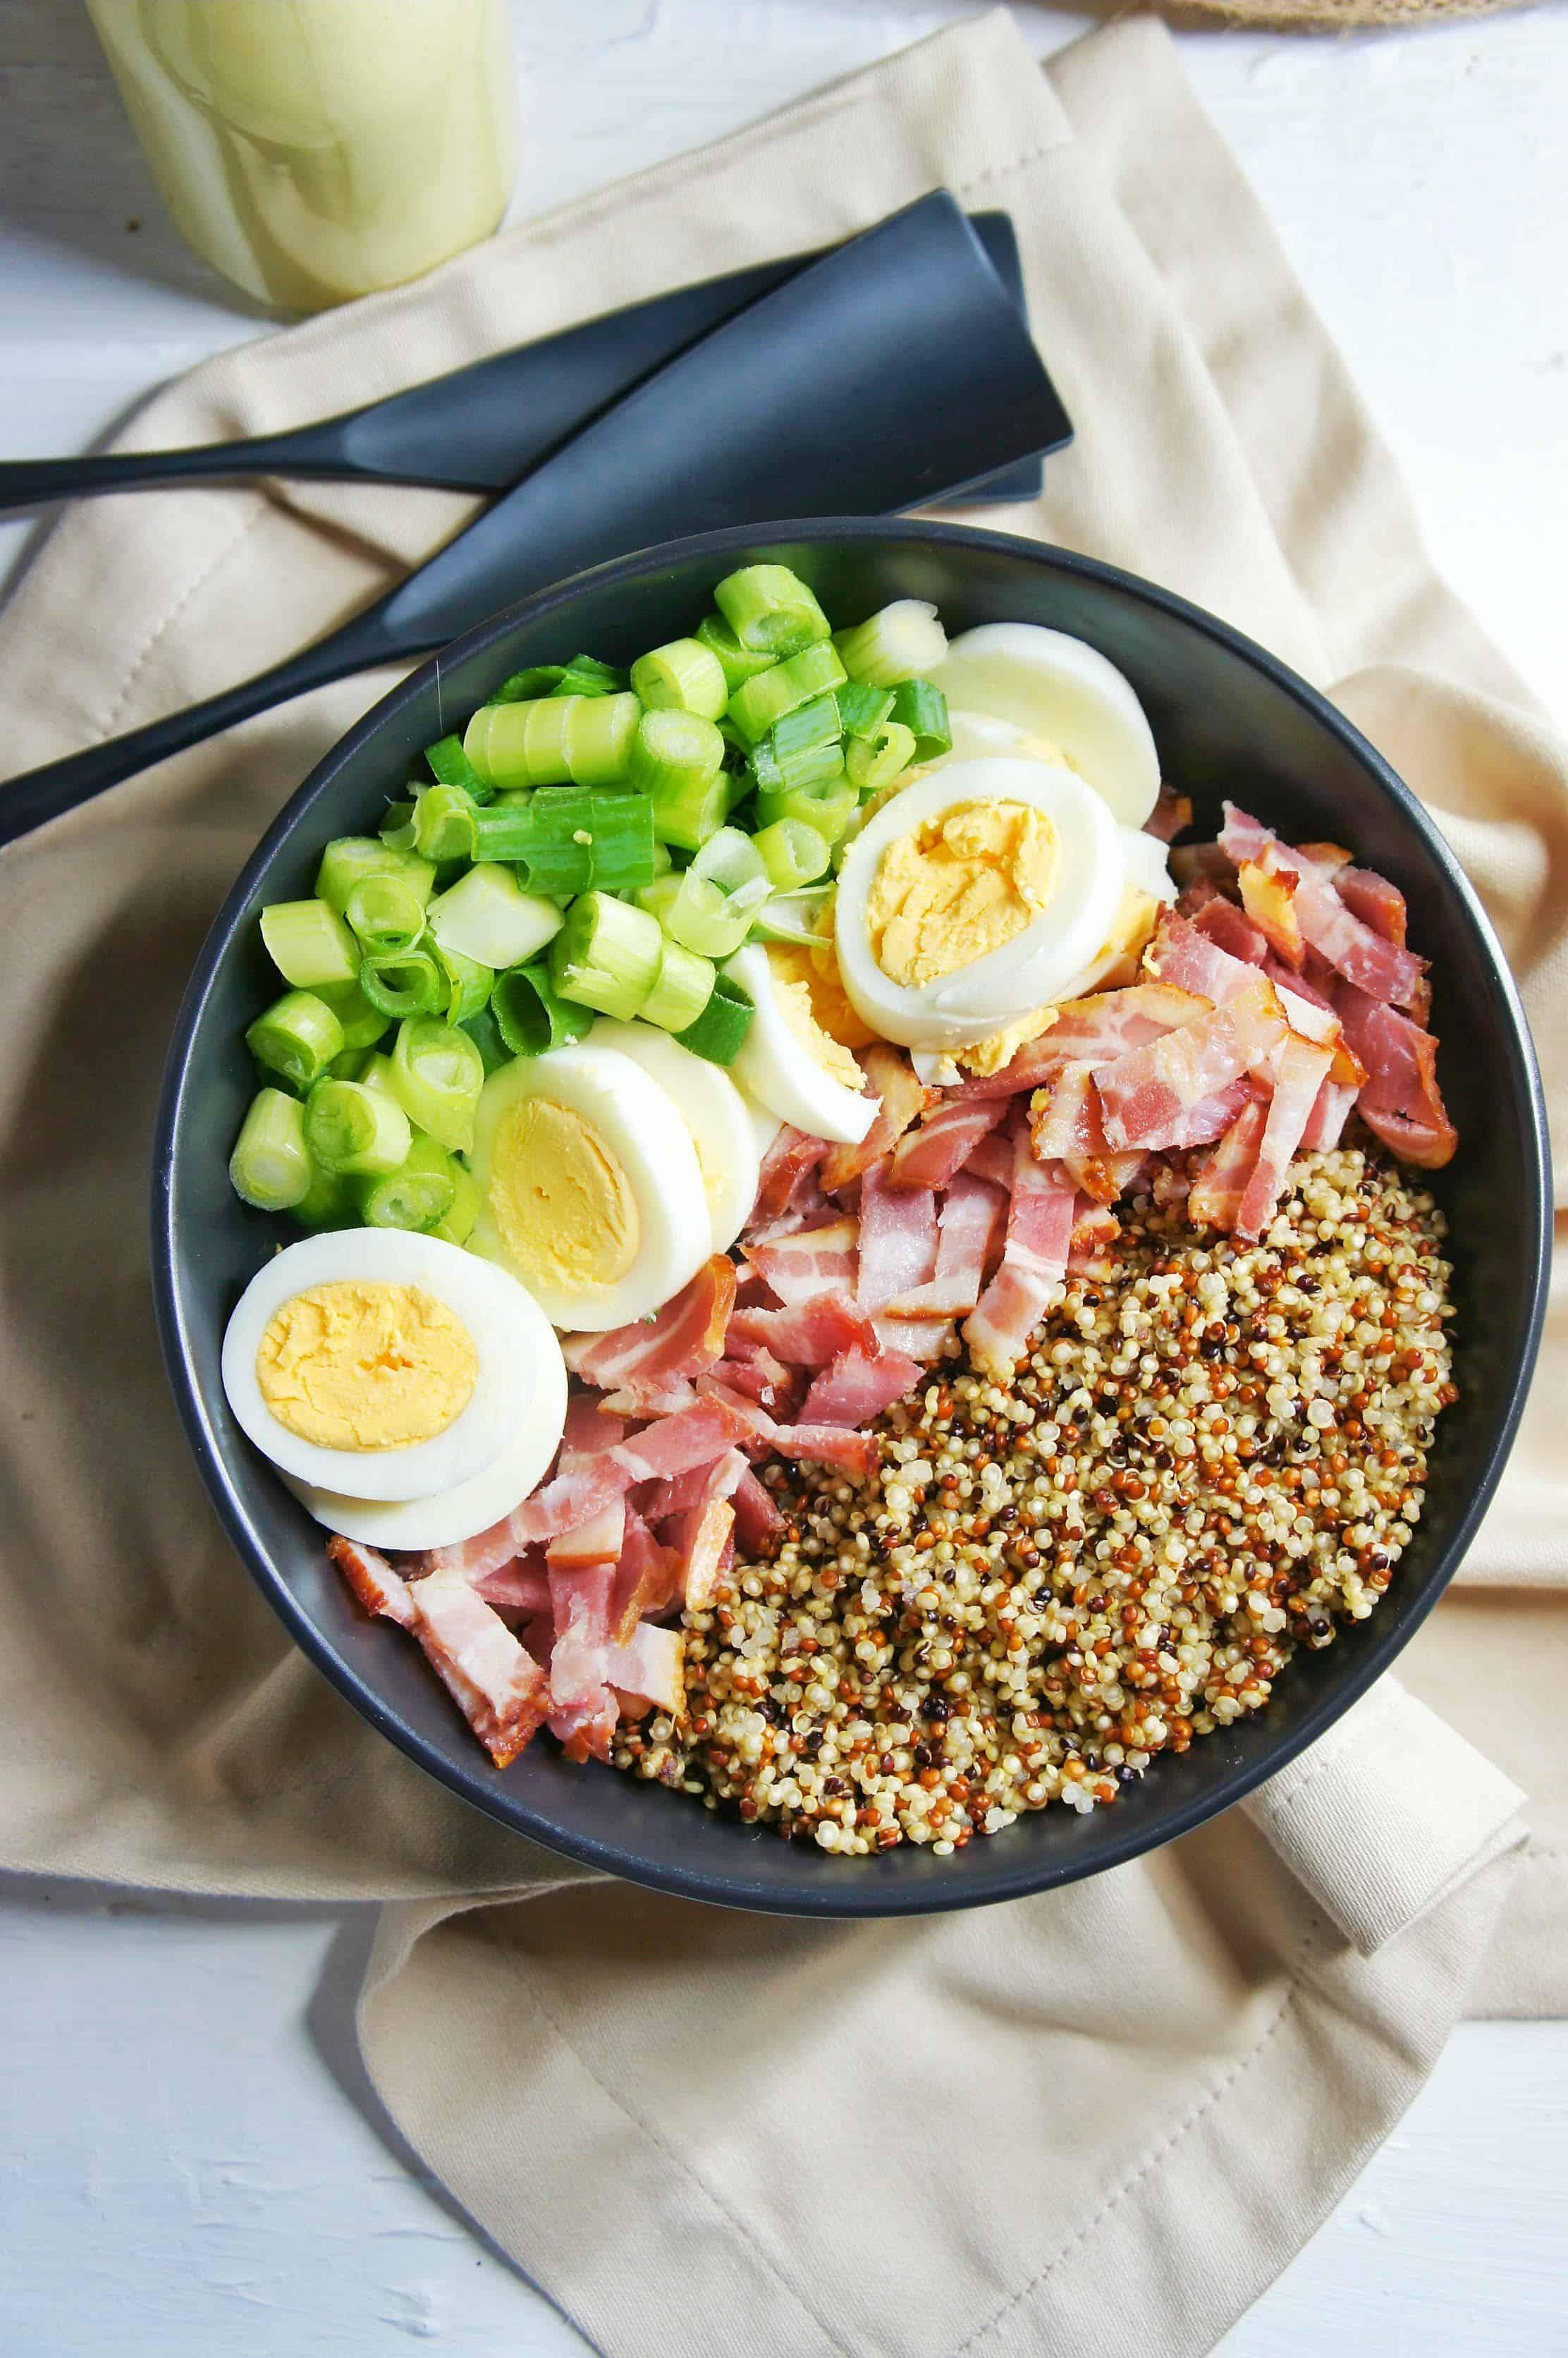 Bacon and Egg Salad 1 | Sweet Caramel Sunday